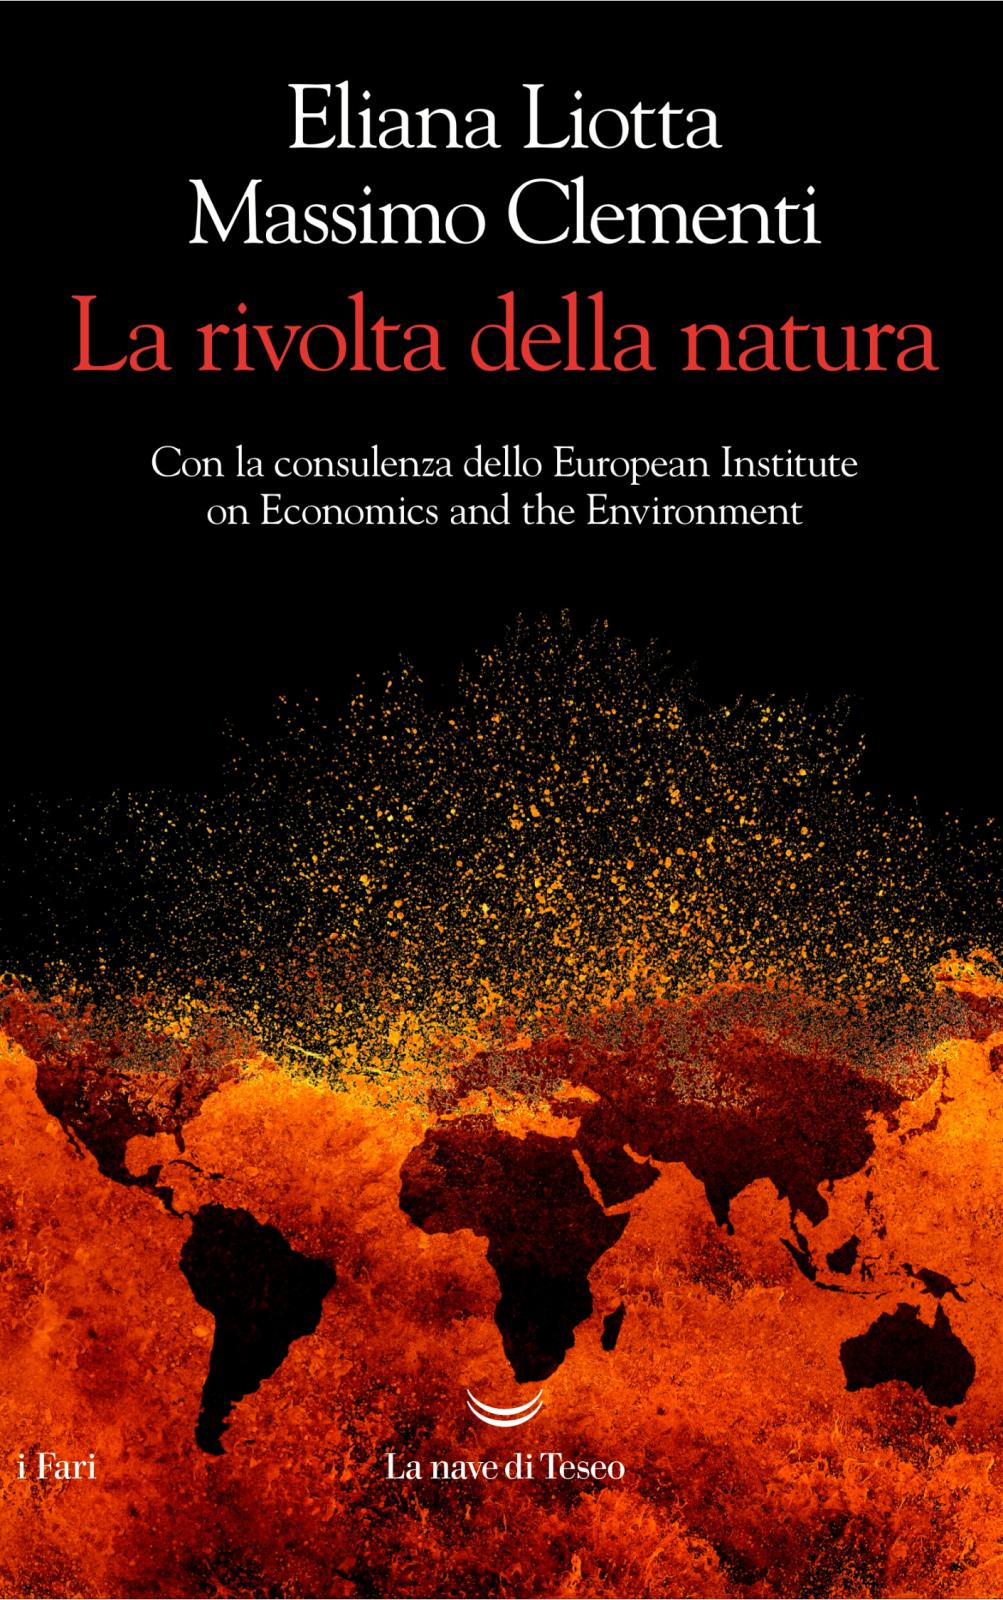 Eliana Liotta - La rivolta della natura